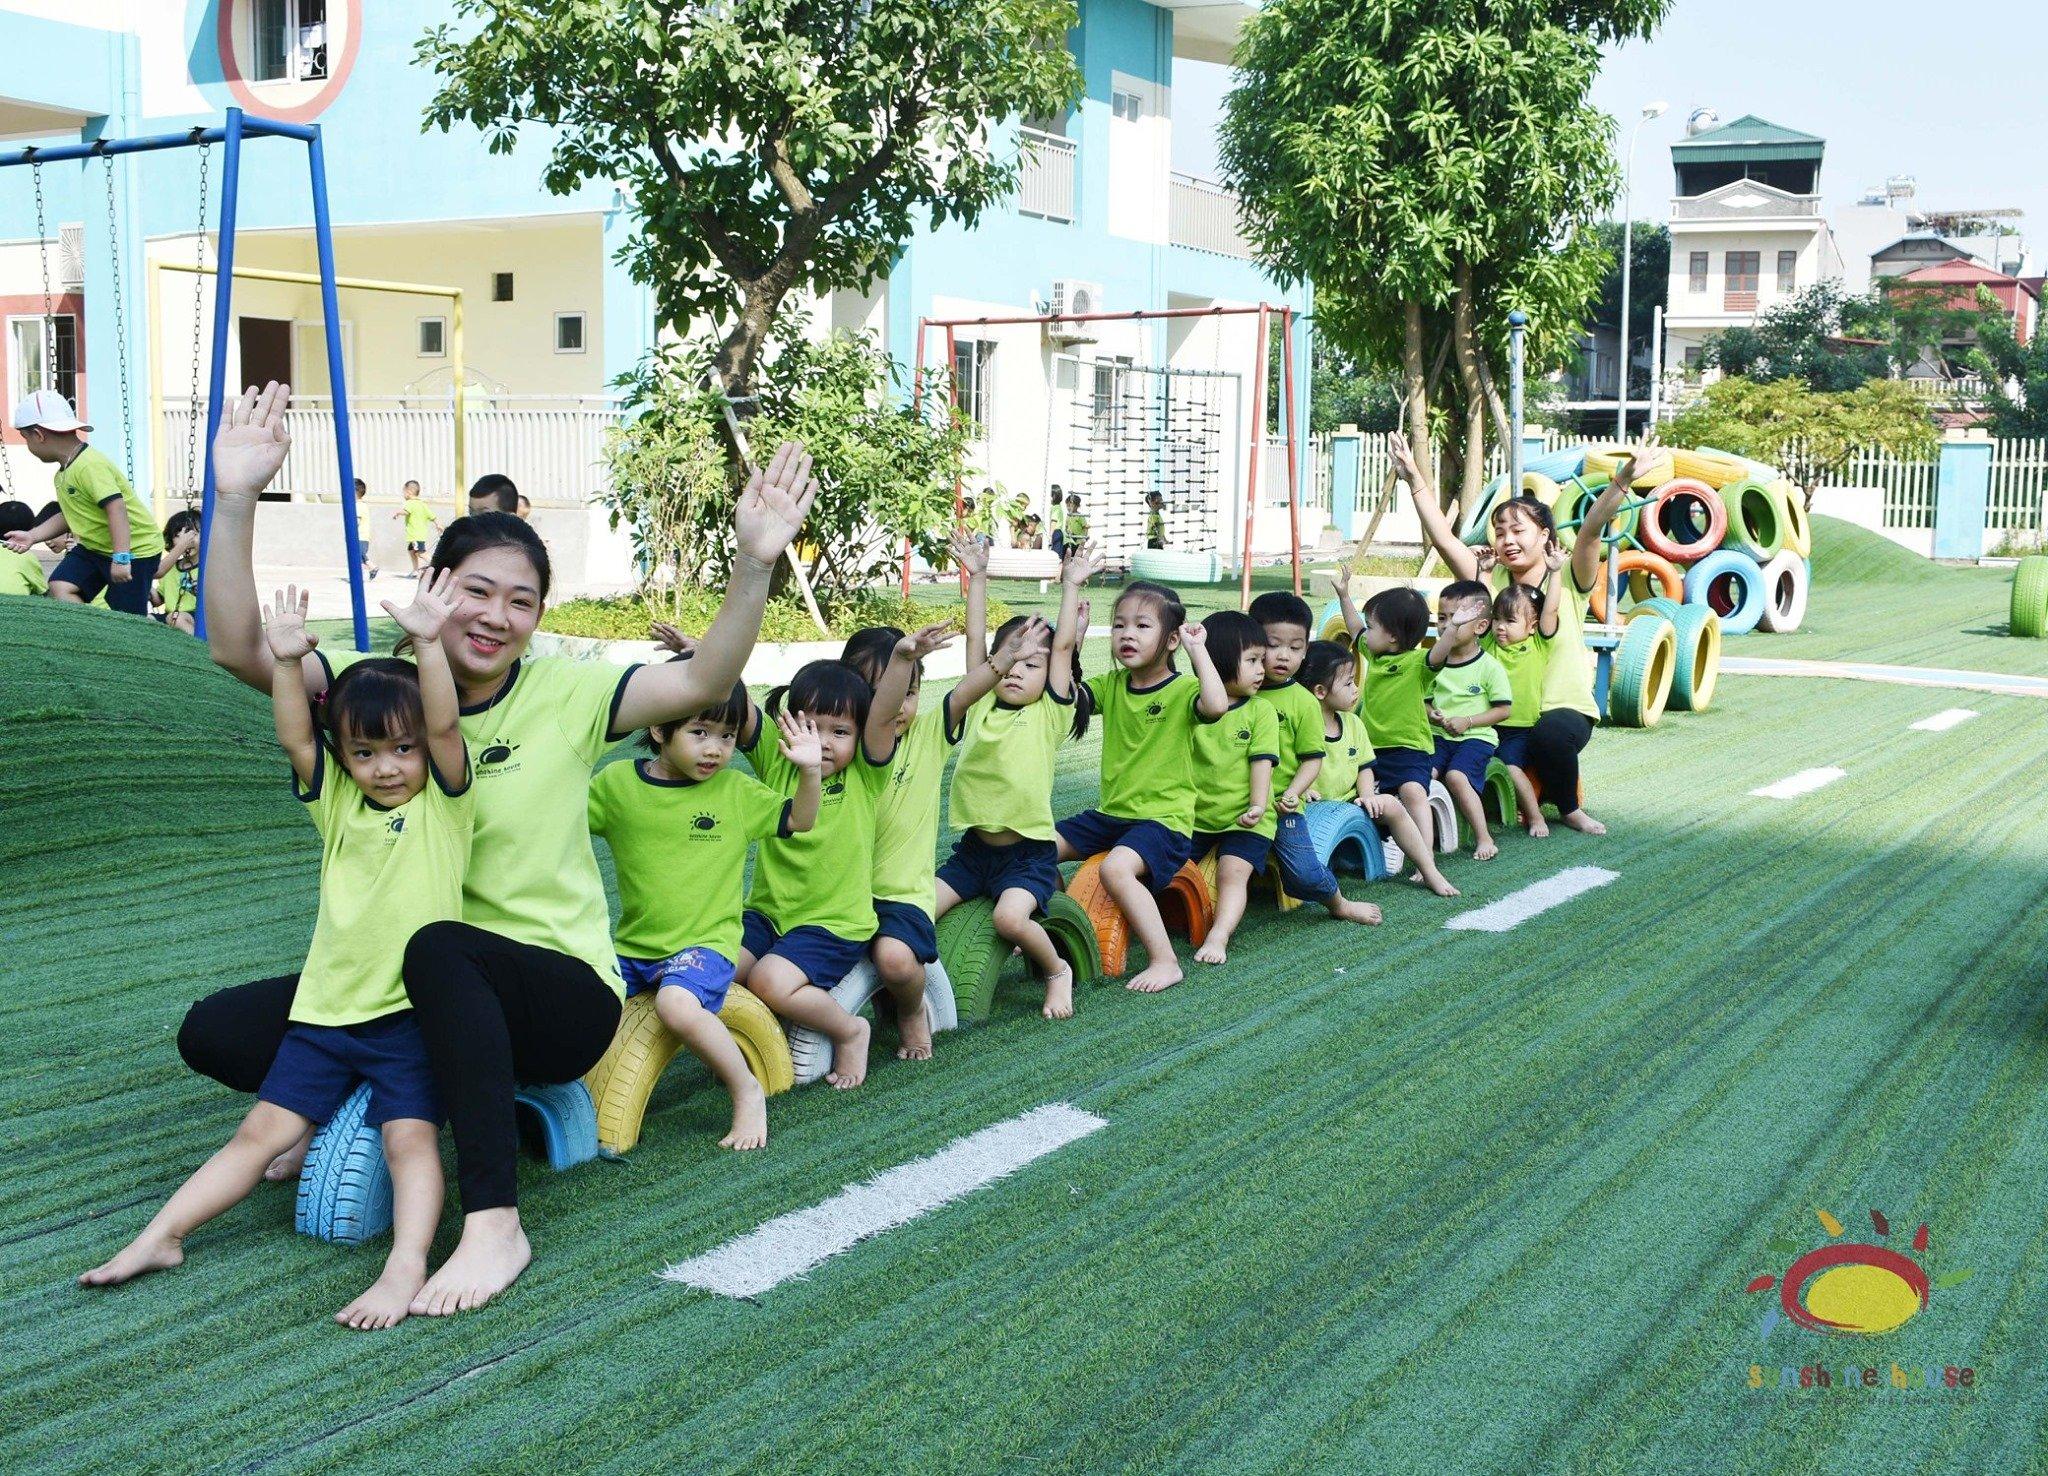 Trường mầm non Quốc tế Ngôi nhà Ánh Sáng ( Sunshine House International Kindergarten ) - Thạch Bàn